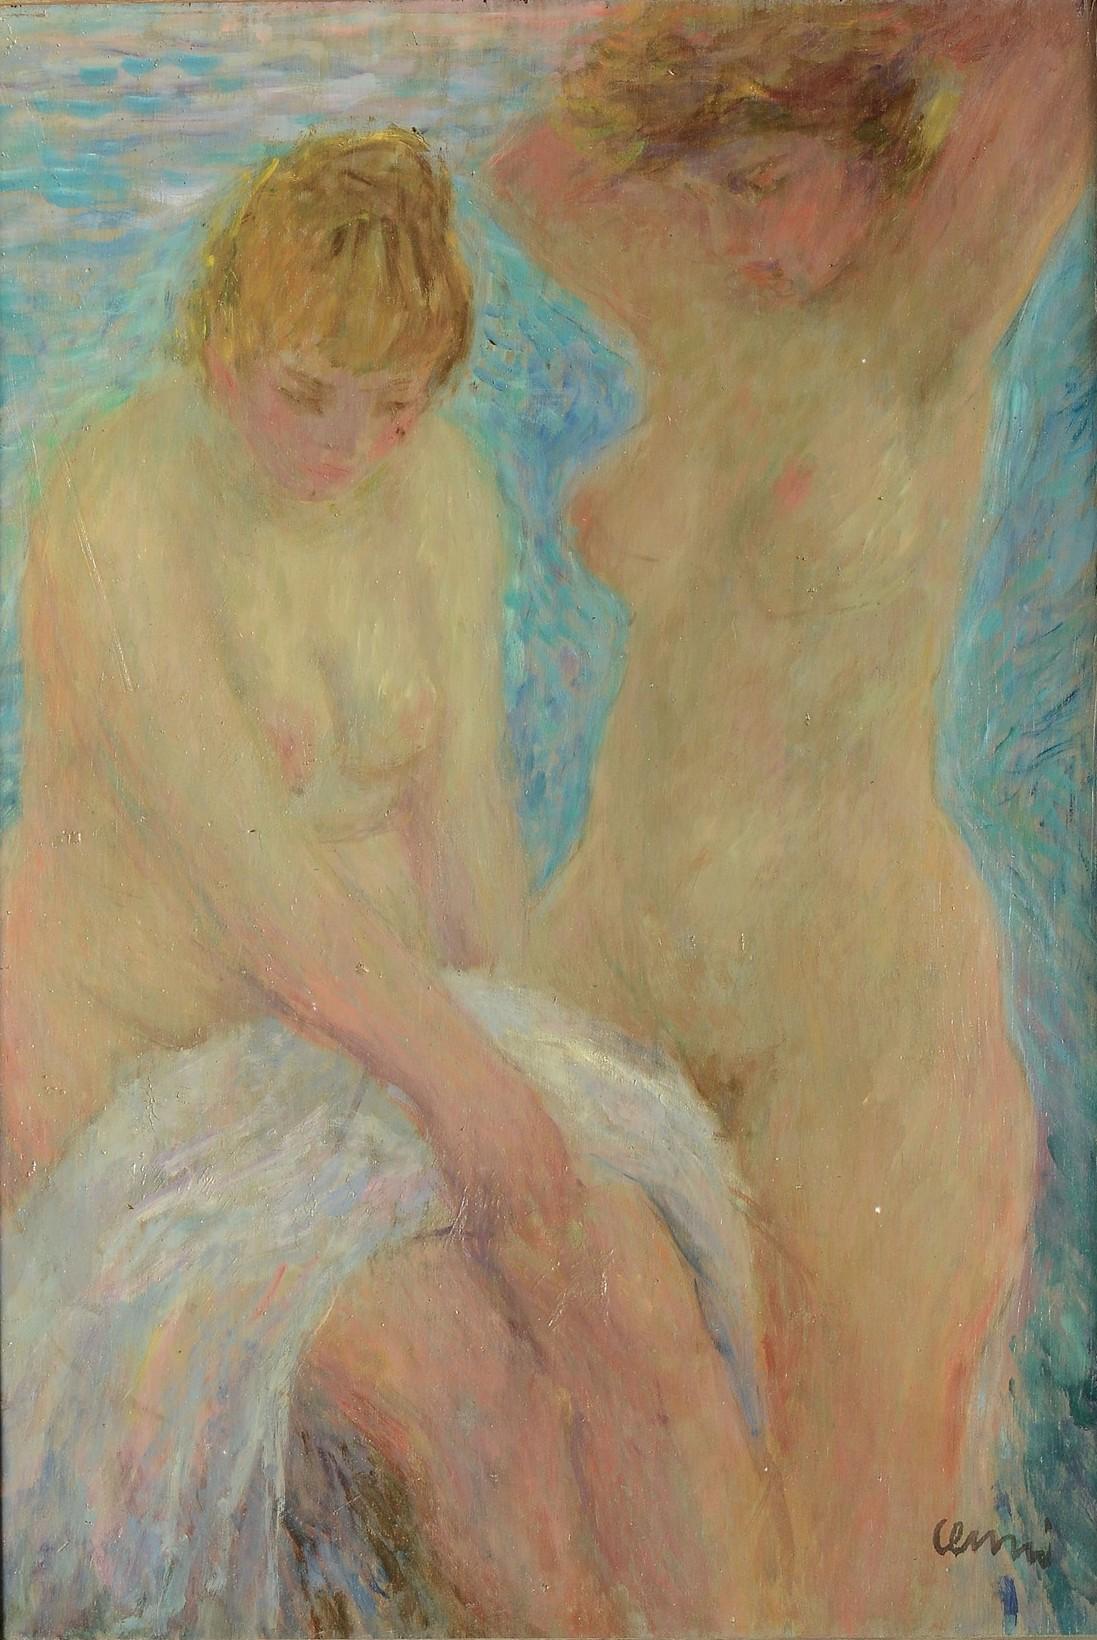 CENNI, olio su tavola, cm 67x46, firmato in basso a destra